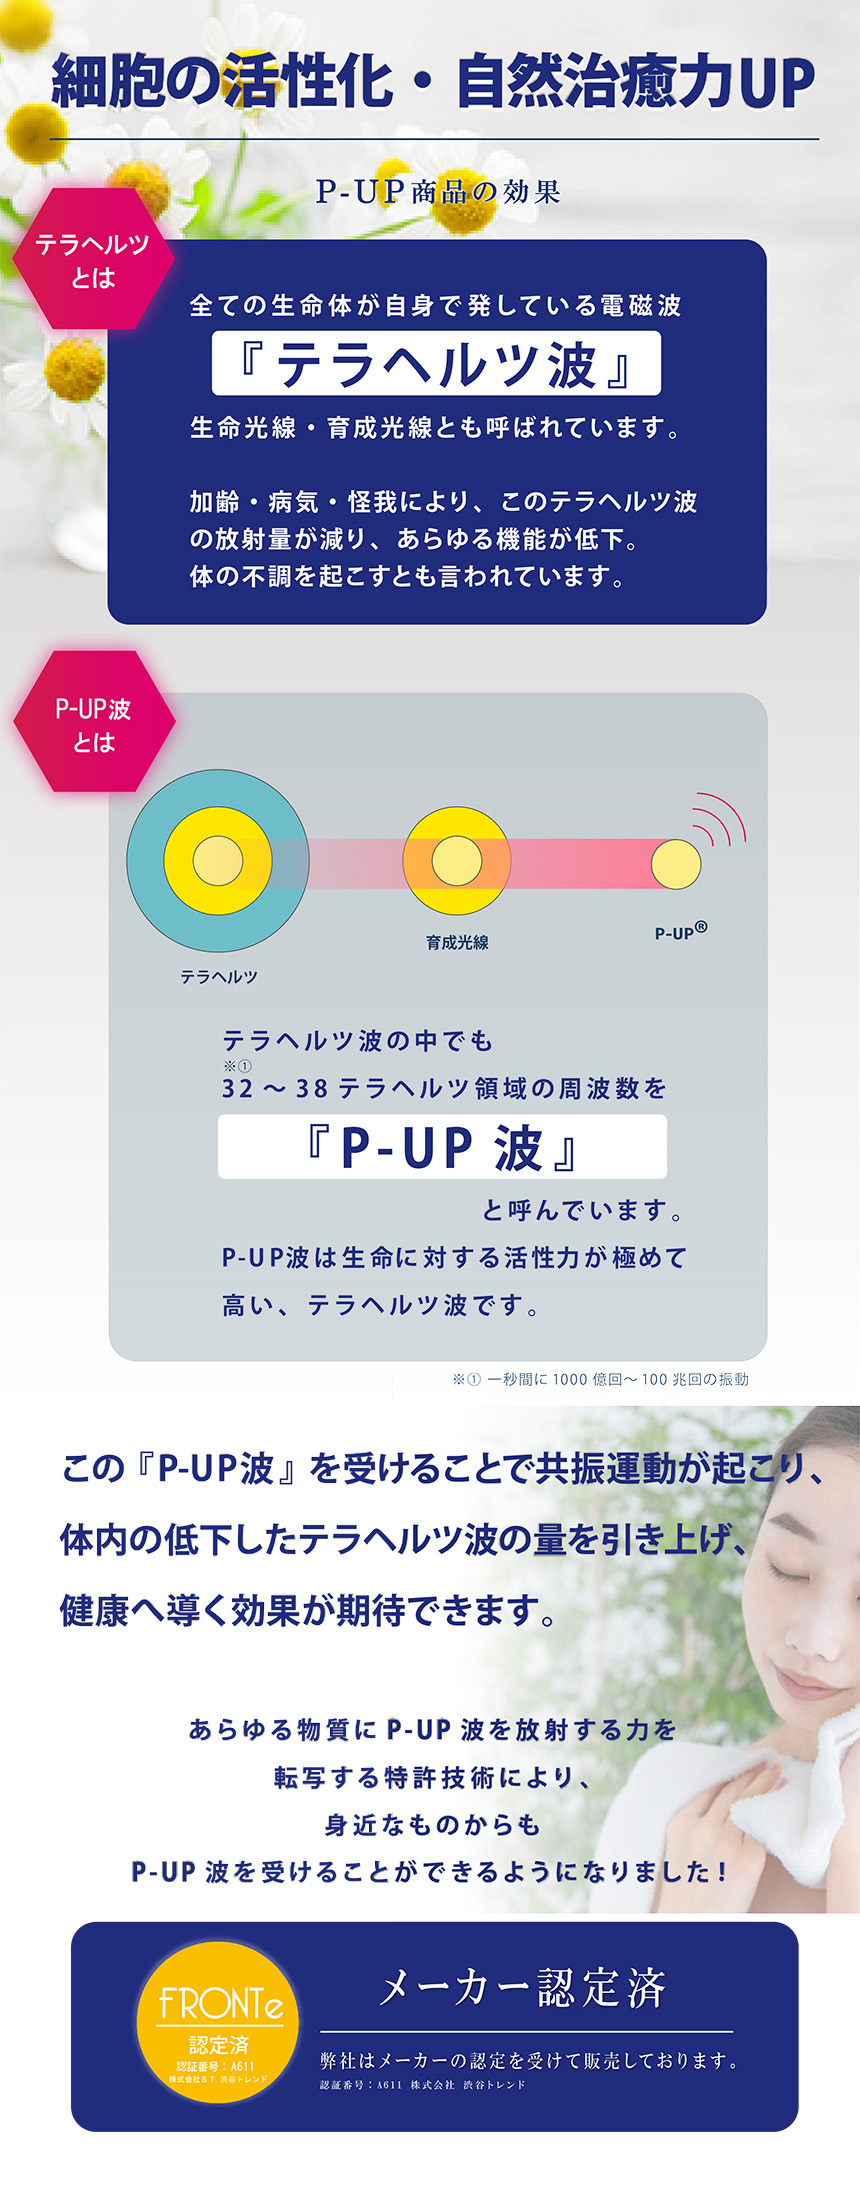 P-UPピーアップ